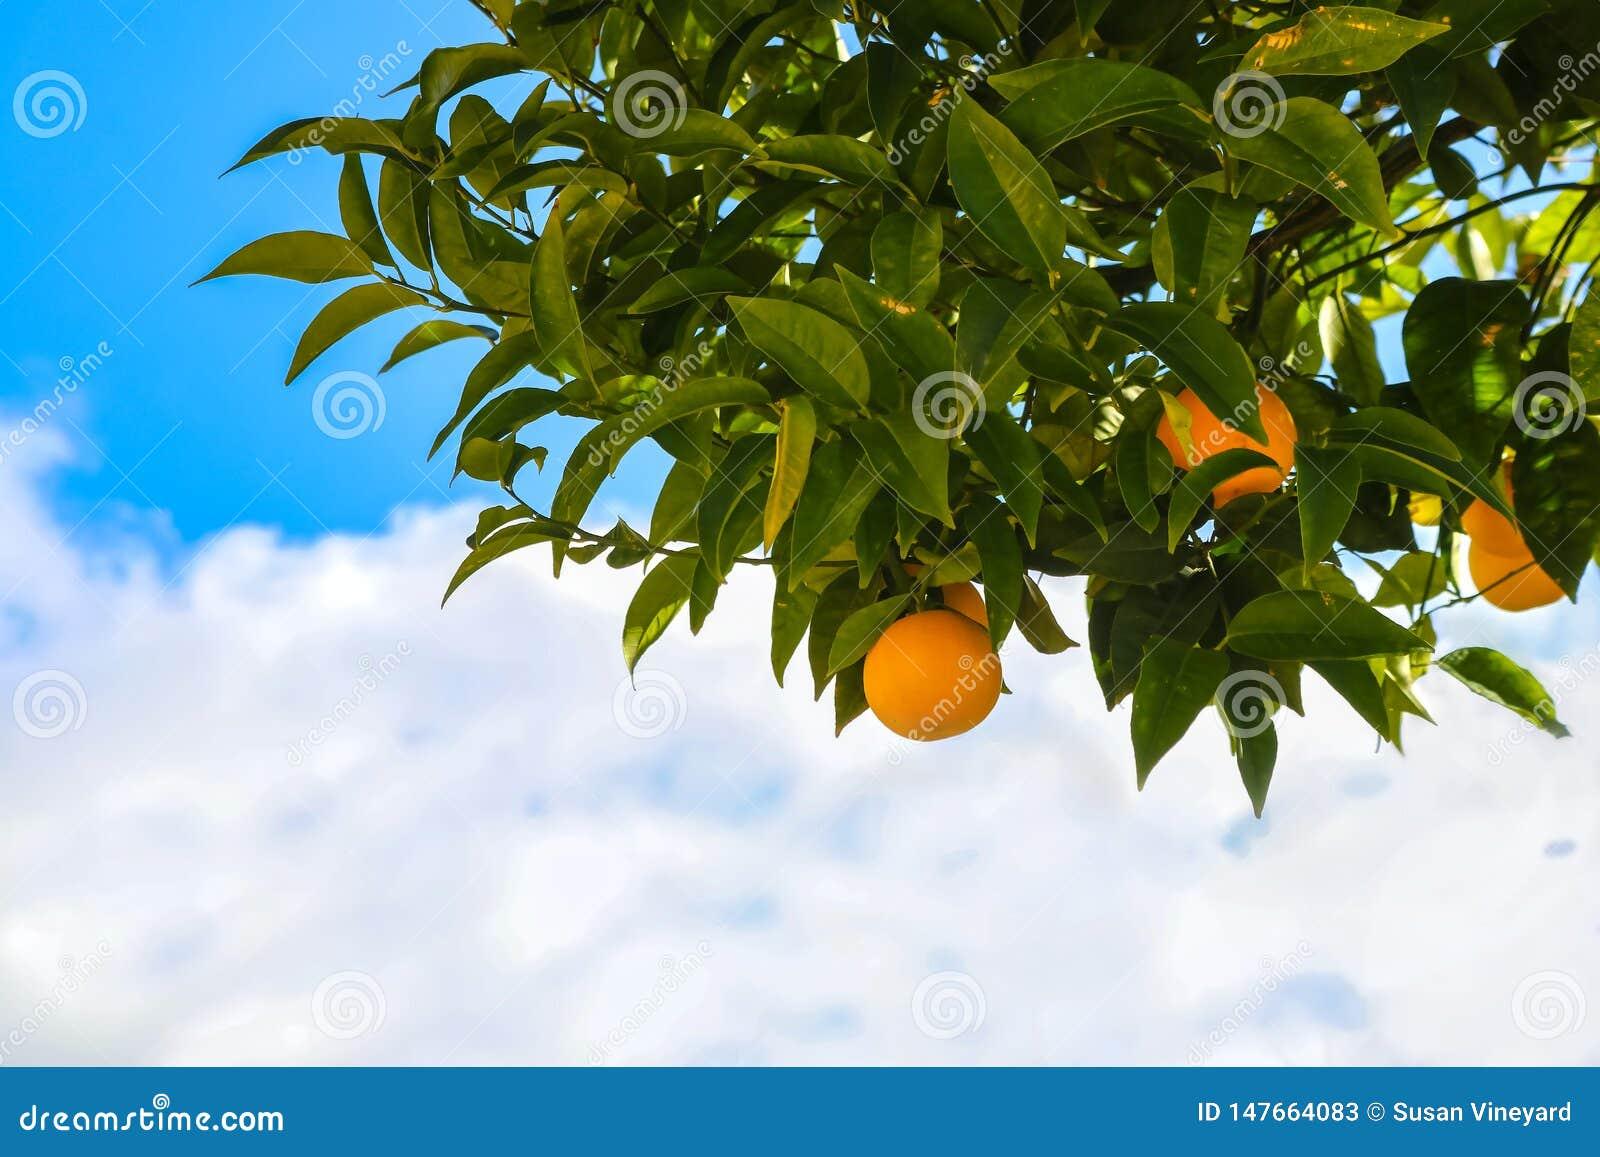 Arance che crescono su un albero davanti al bello cielo nuvoloso blu - primo piano e stanza per la copia